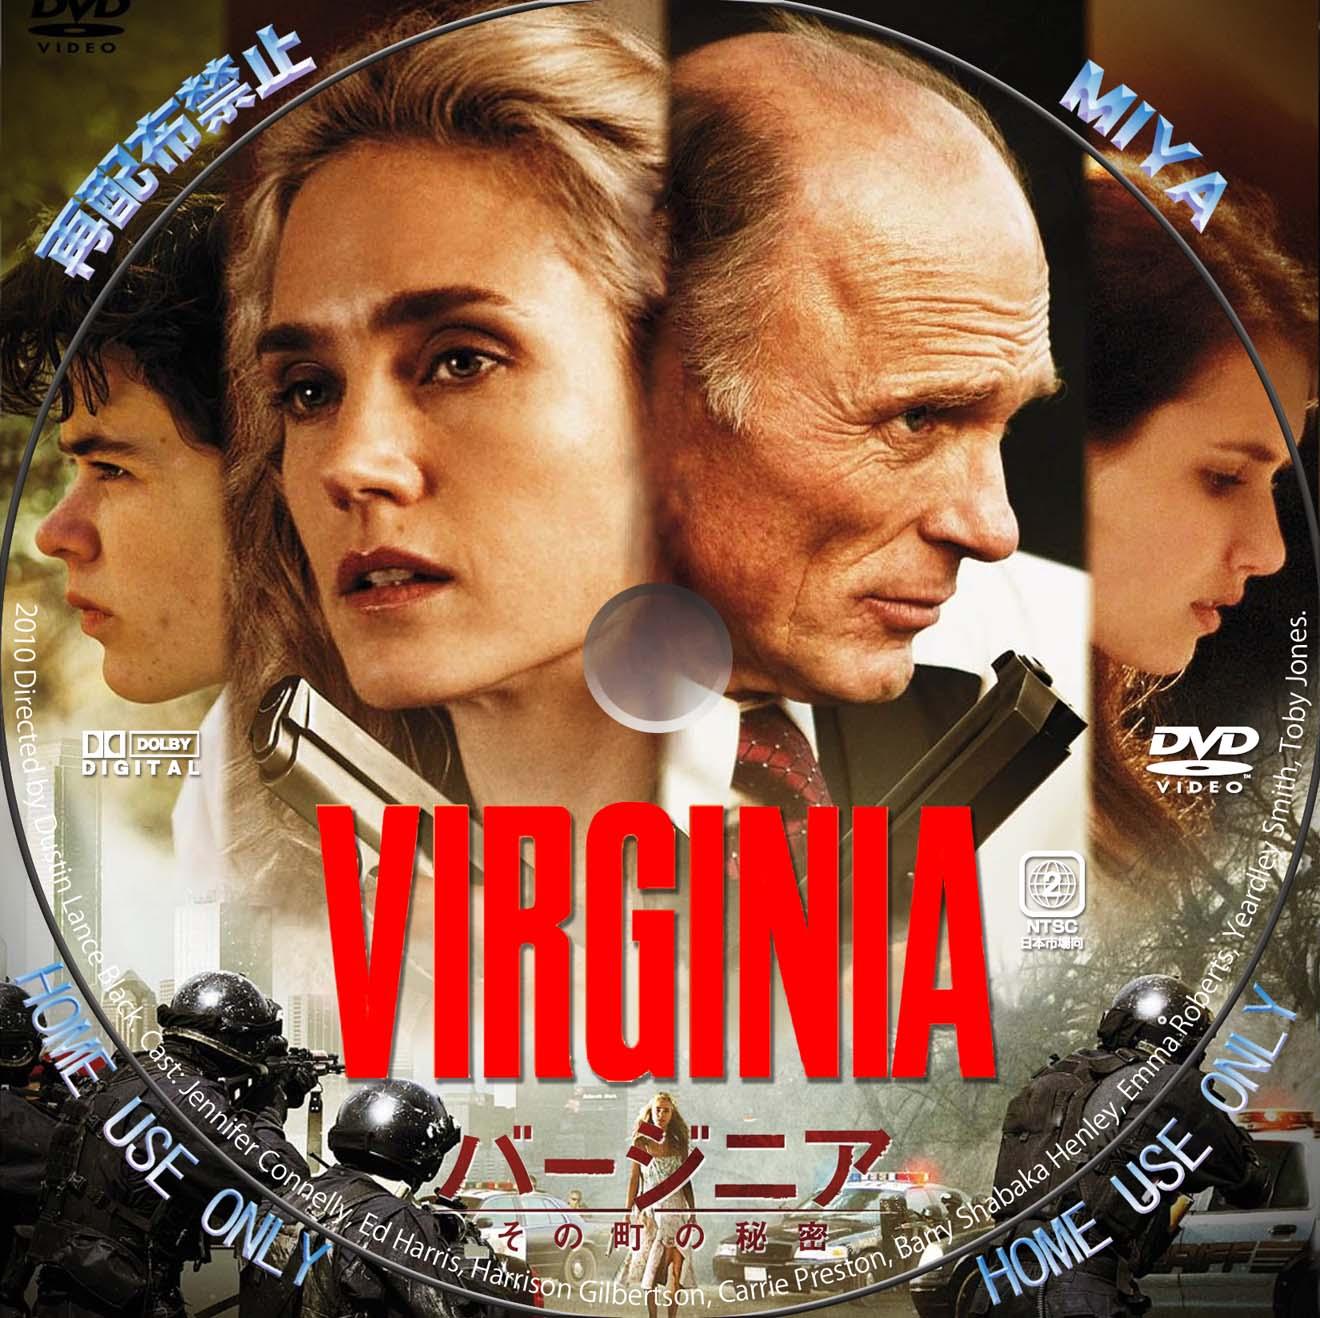 バージニア その町の秘密  バージニア州の小さな町で、上院議員候補である保安官とその愛人の息子が